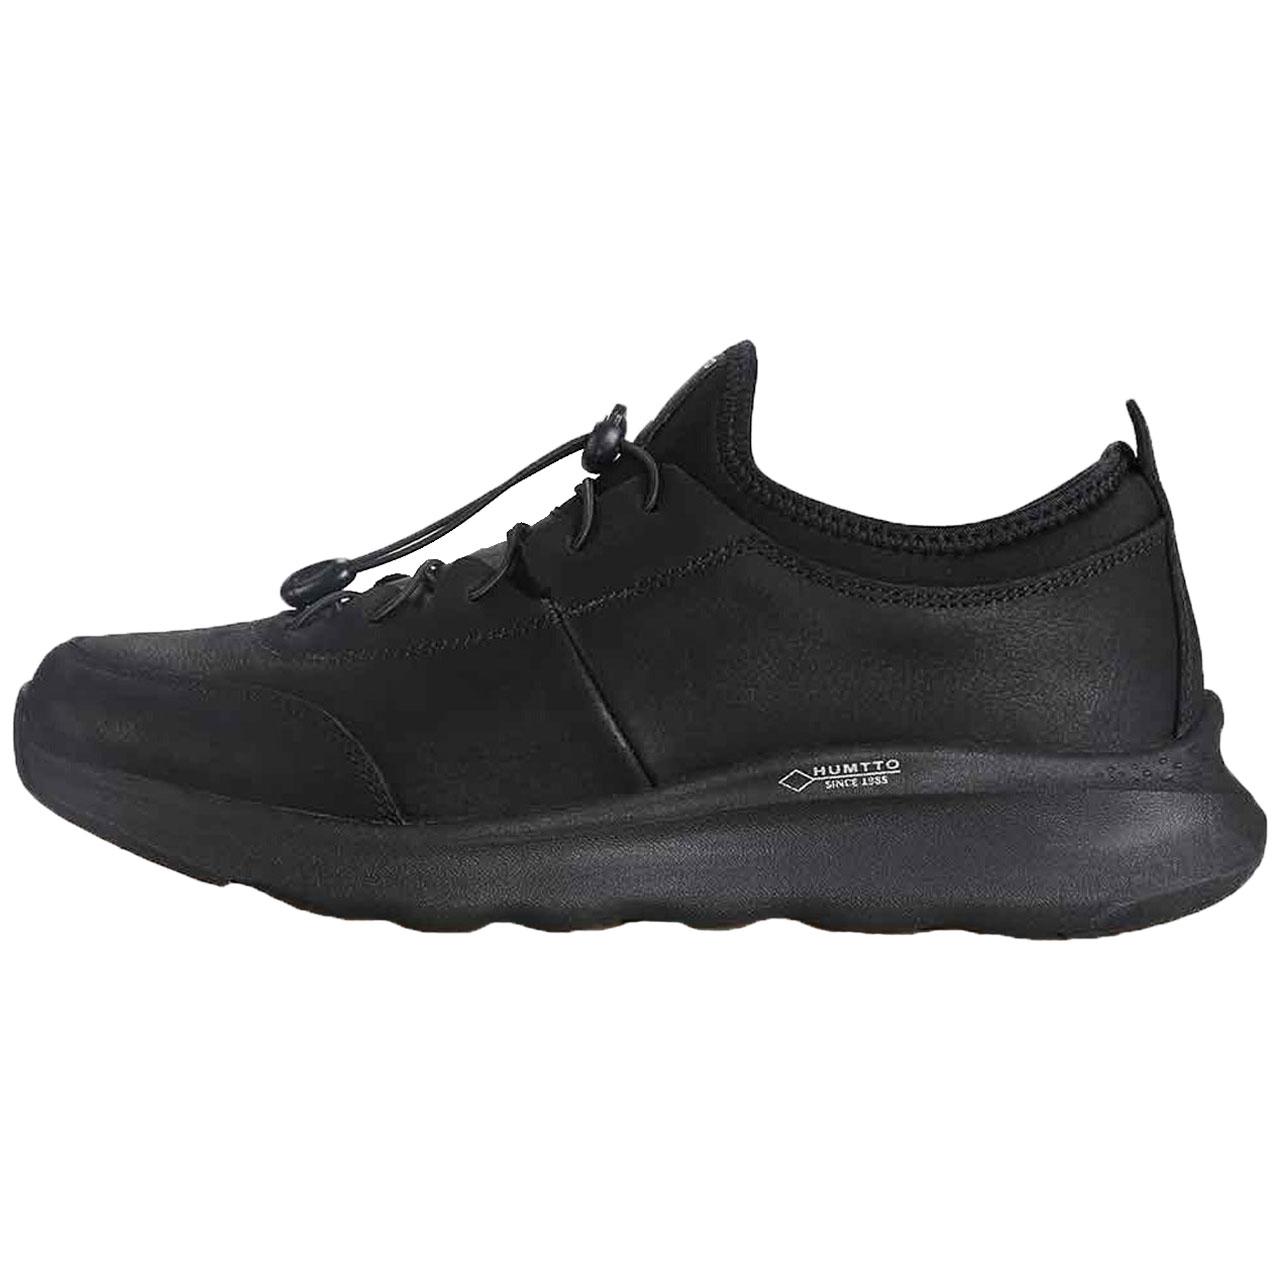 کفش مخصوص پیاده روی مردانه هامتو کد 390025A-1